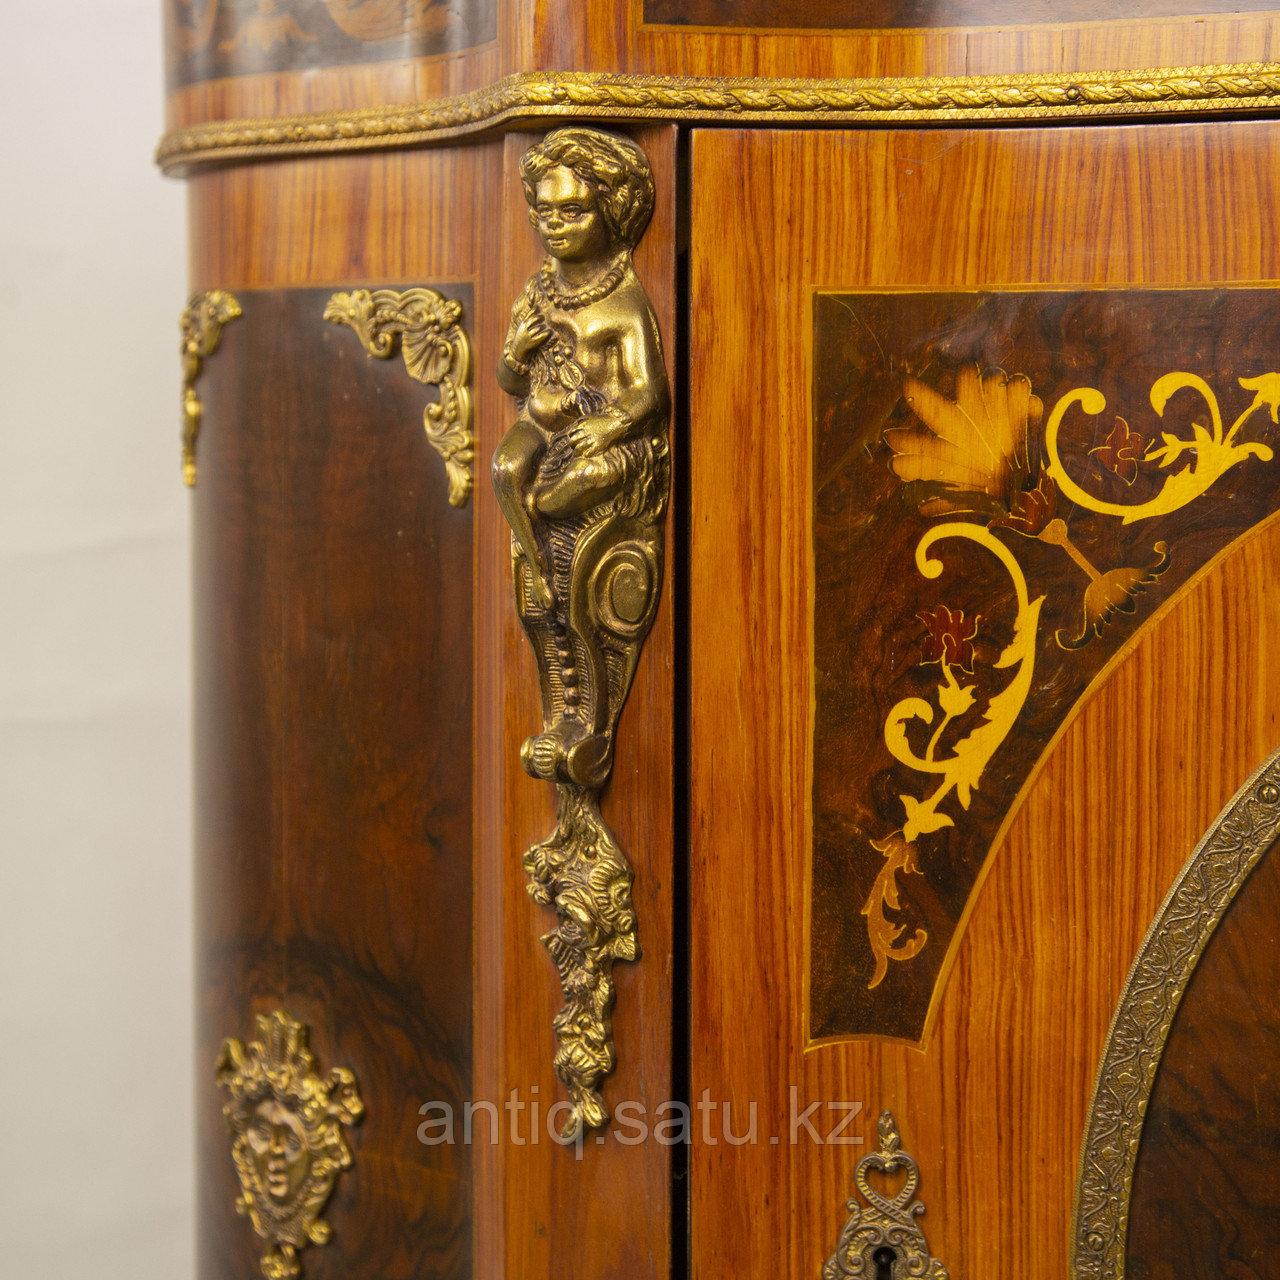 Комод в стиле Наполеона III. Италия. I половина-середина XX века. - фото 4